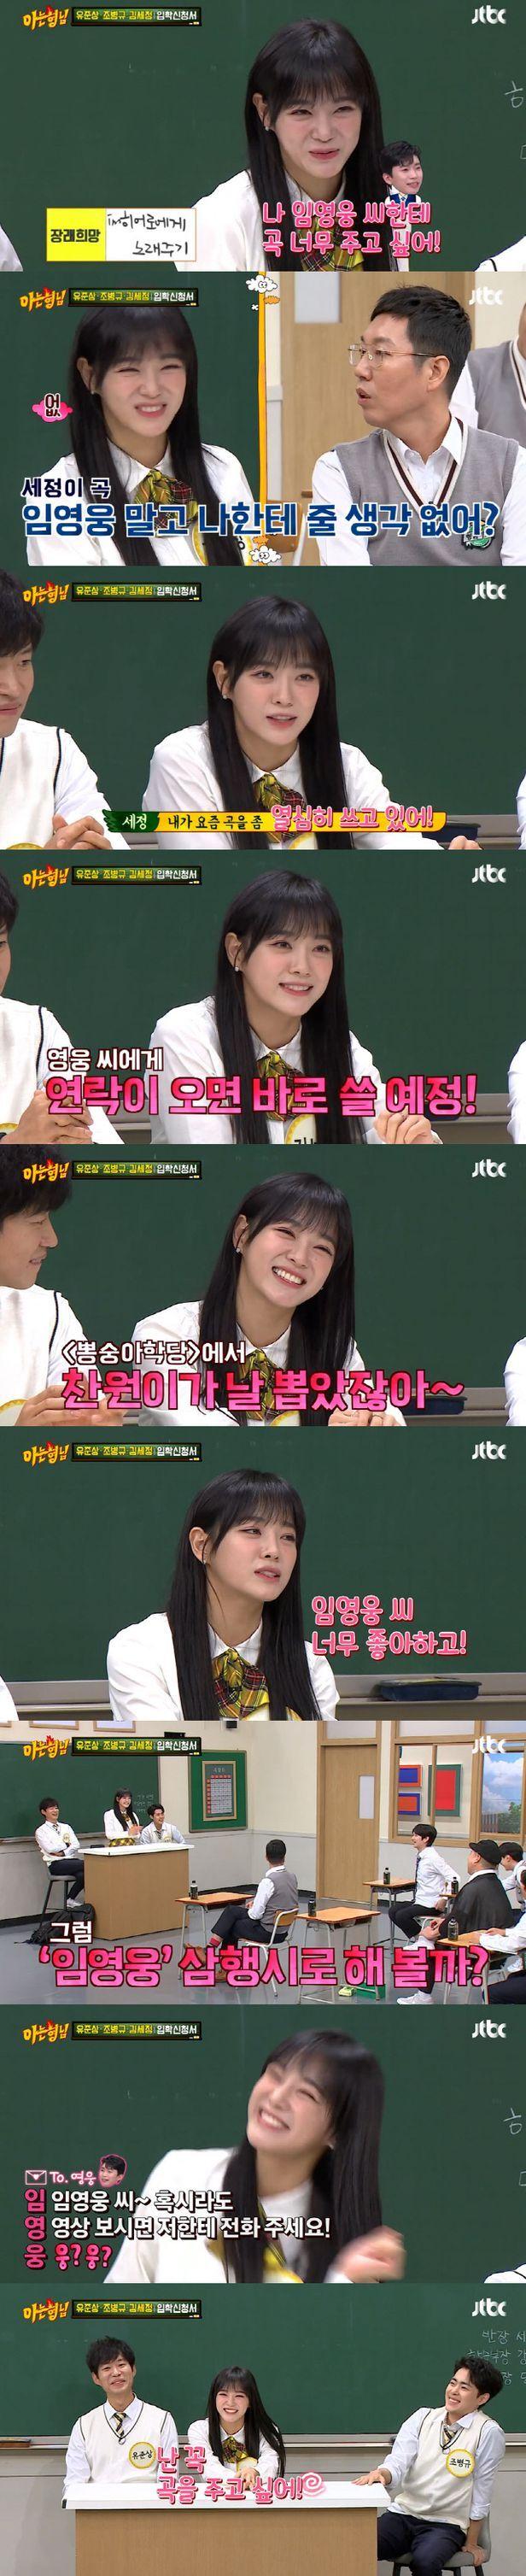 '아형' 김세정, 임영웅 향한 팬심